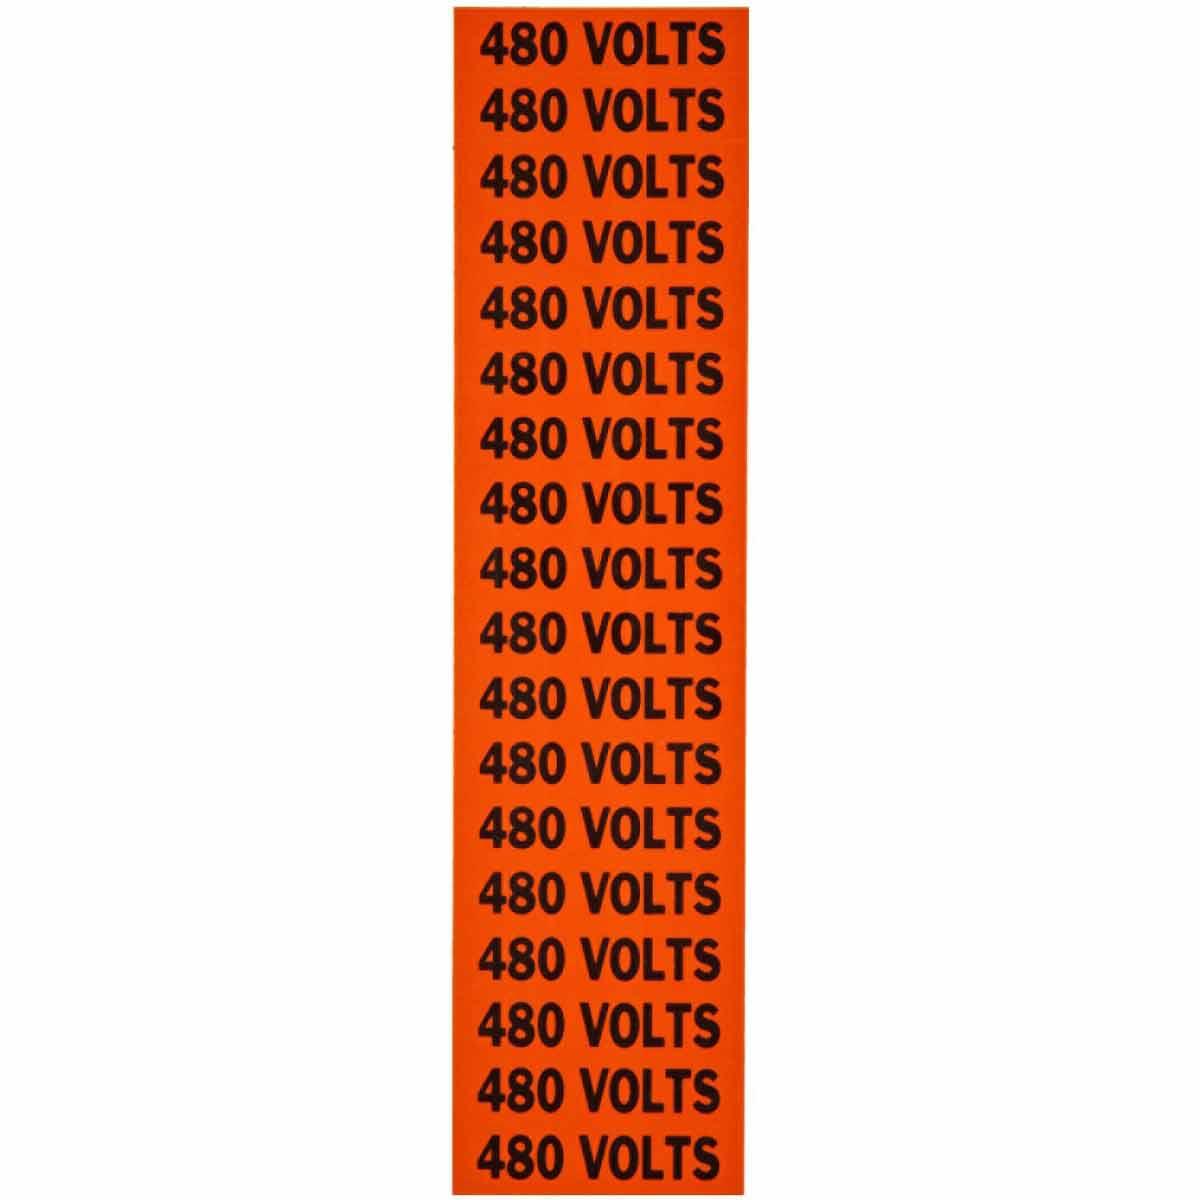 BRADY 44315 CONDUIT & VOLTAGEMARKER